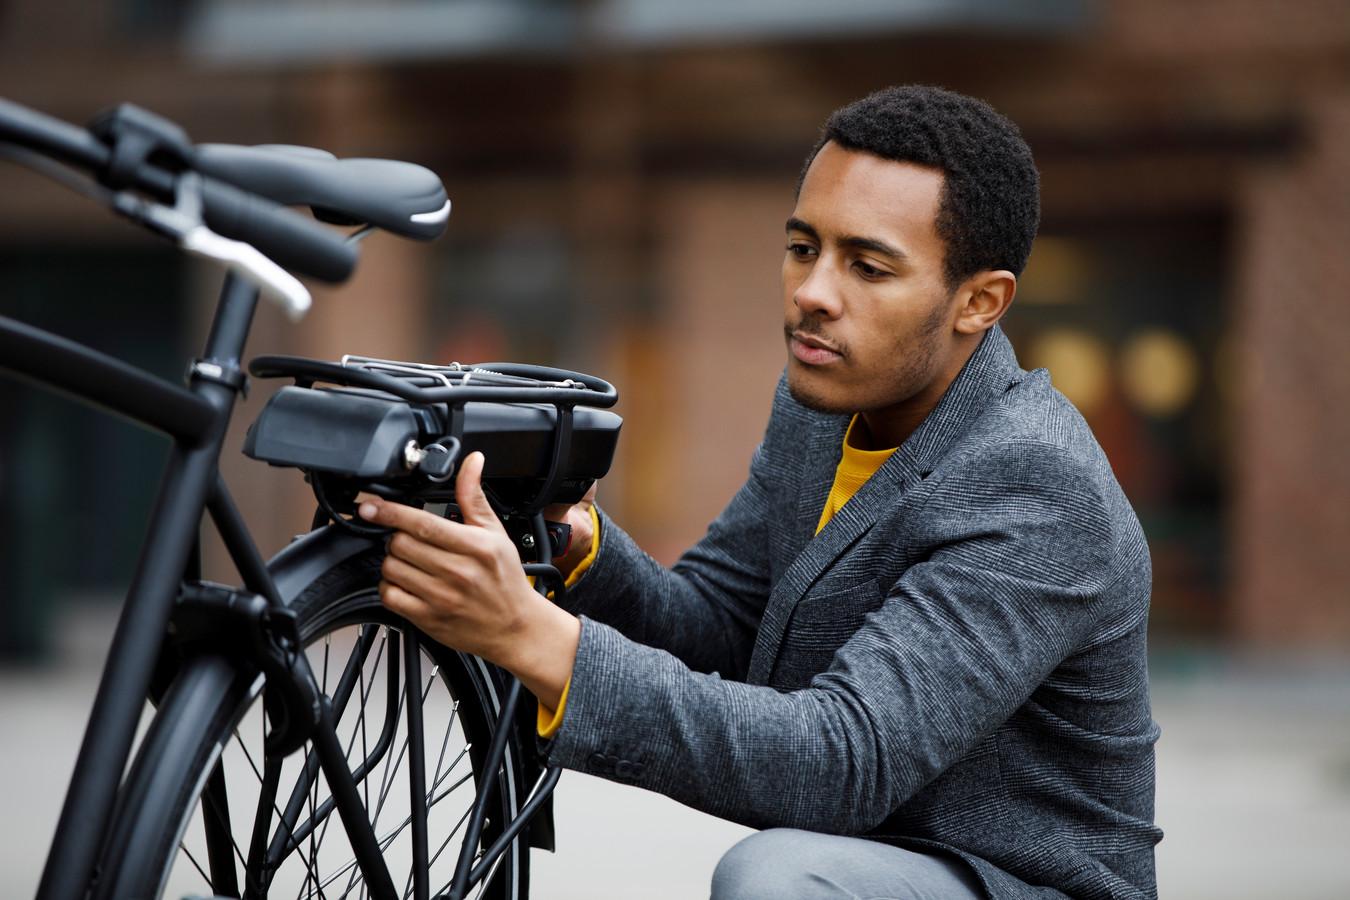 Wat kost een elektrische fiets aan energie?